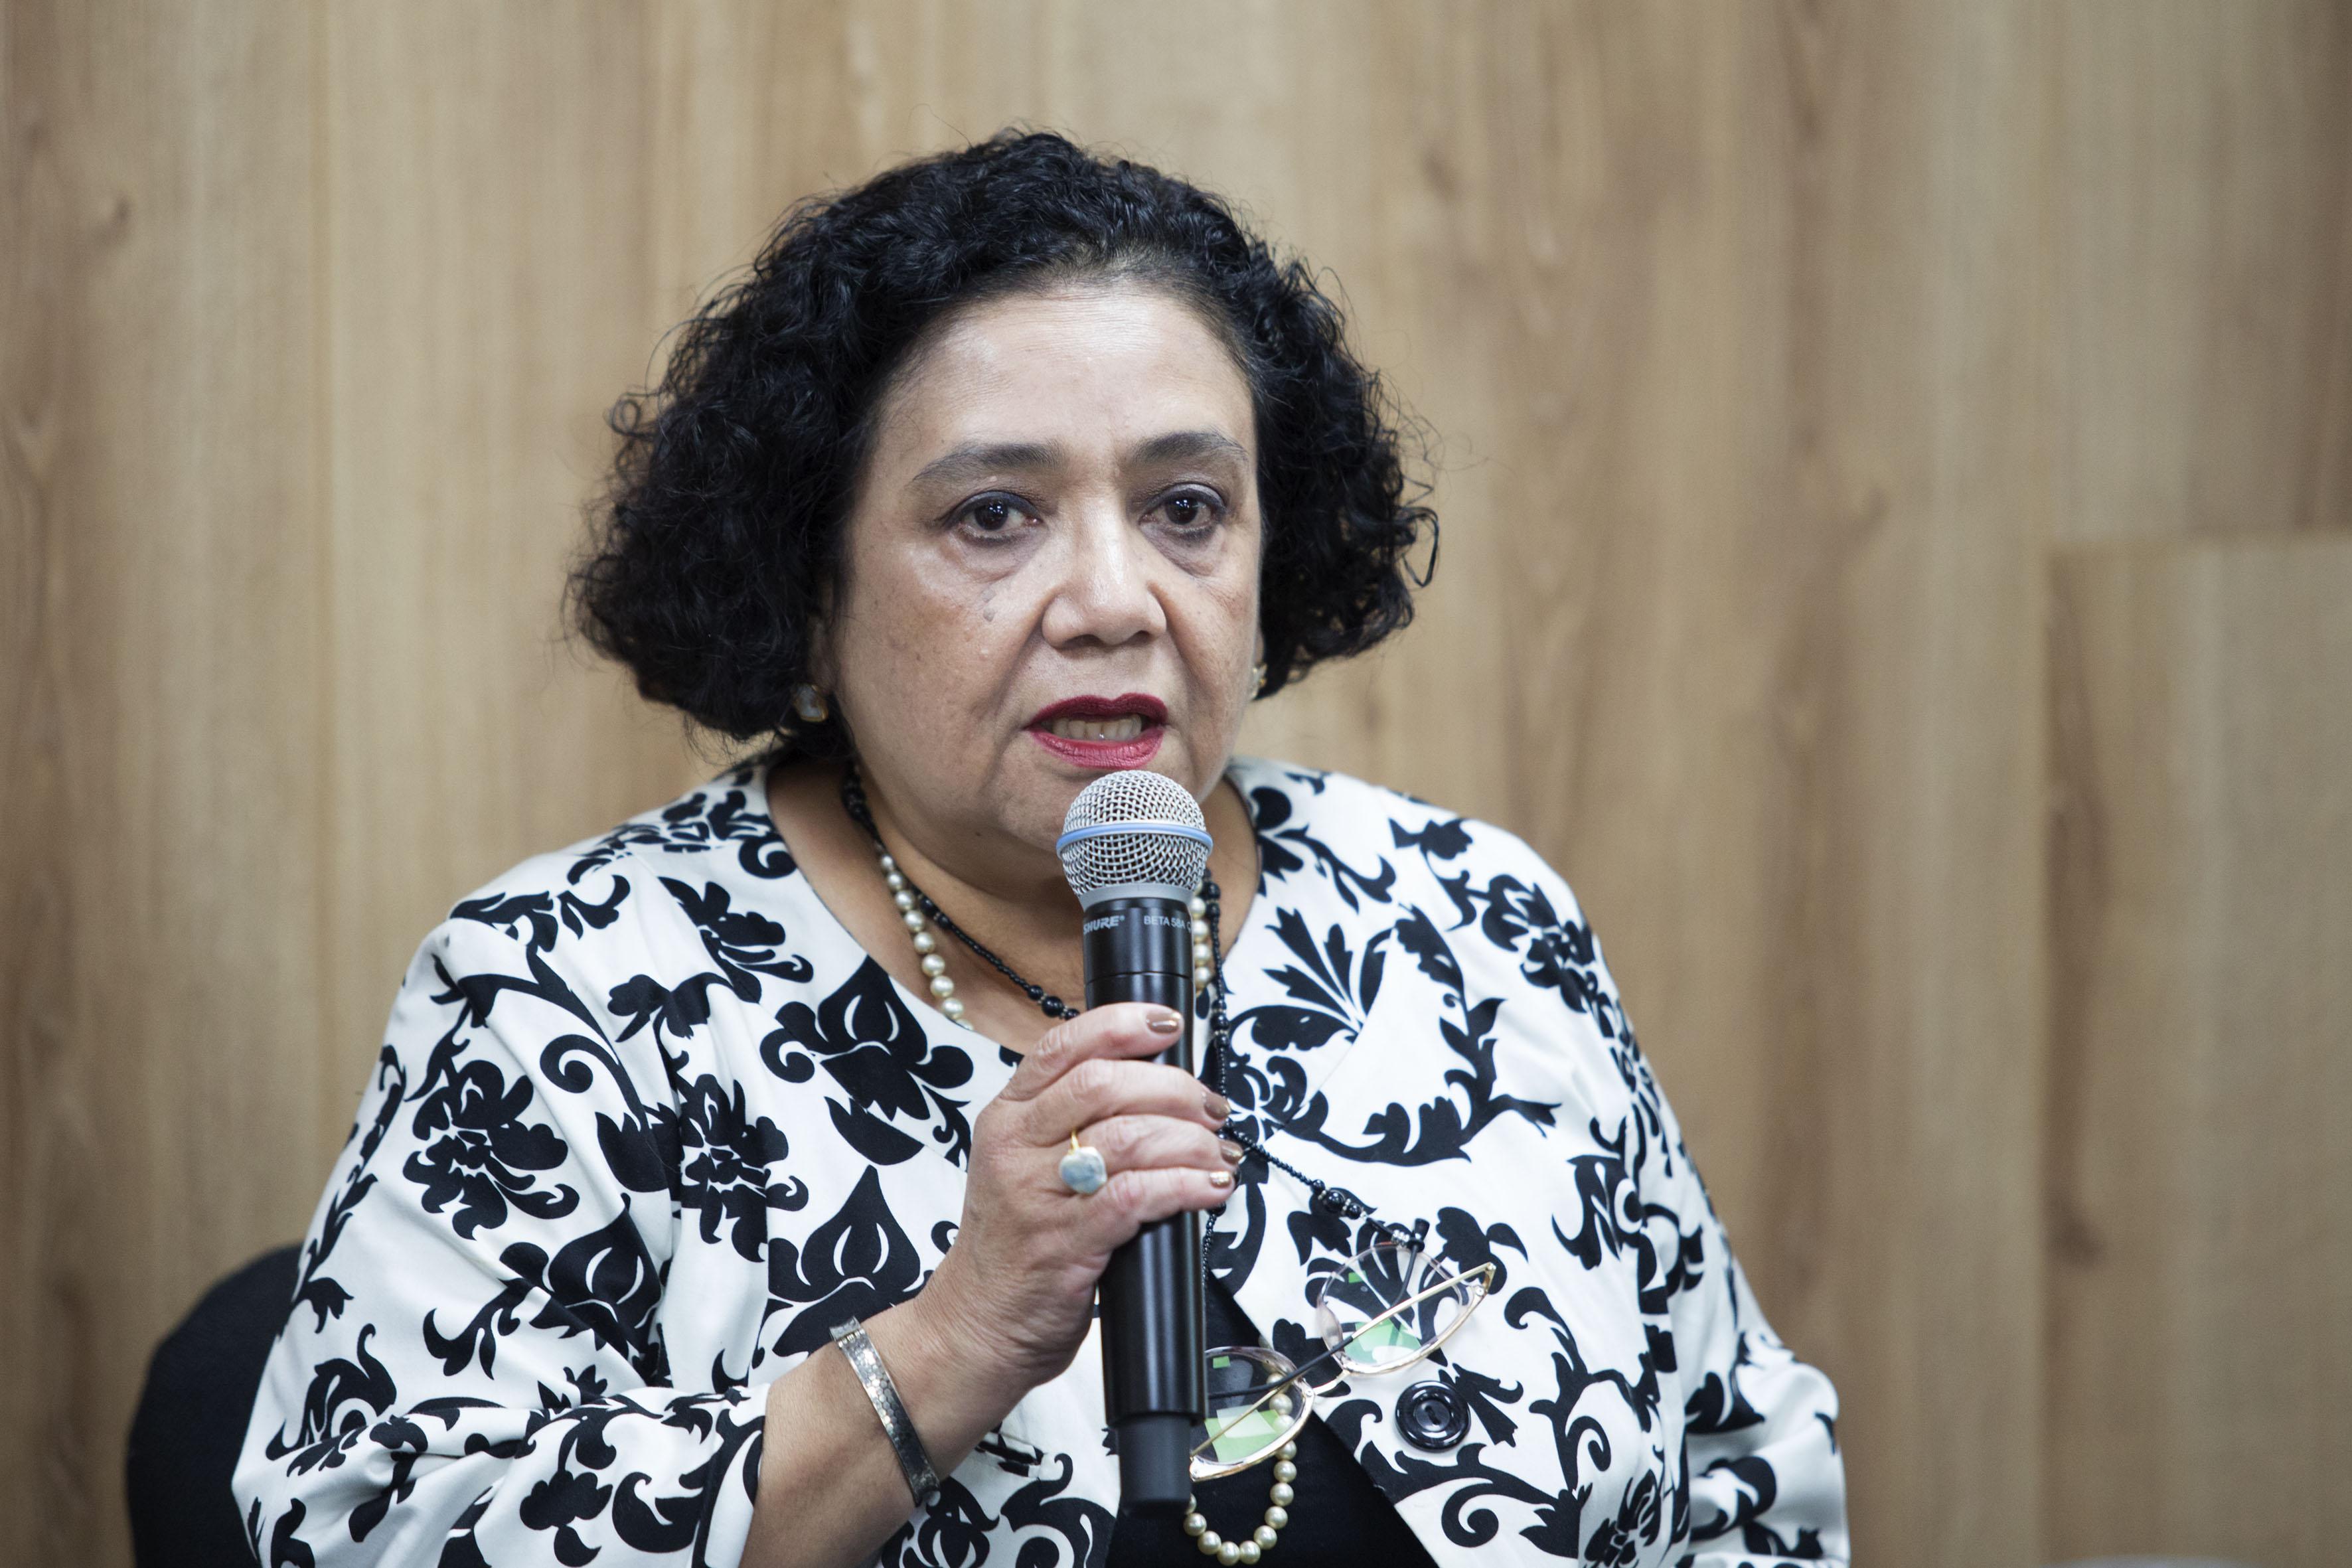 Doctora María de Lourdes Ramírez Dueñas, investigadora del Instituto de Neurociencias; con micrófono en mano haciendo uso de la palabra.